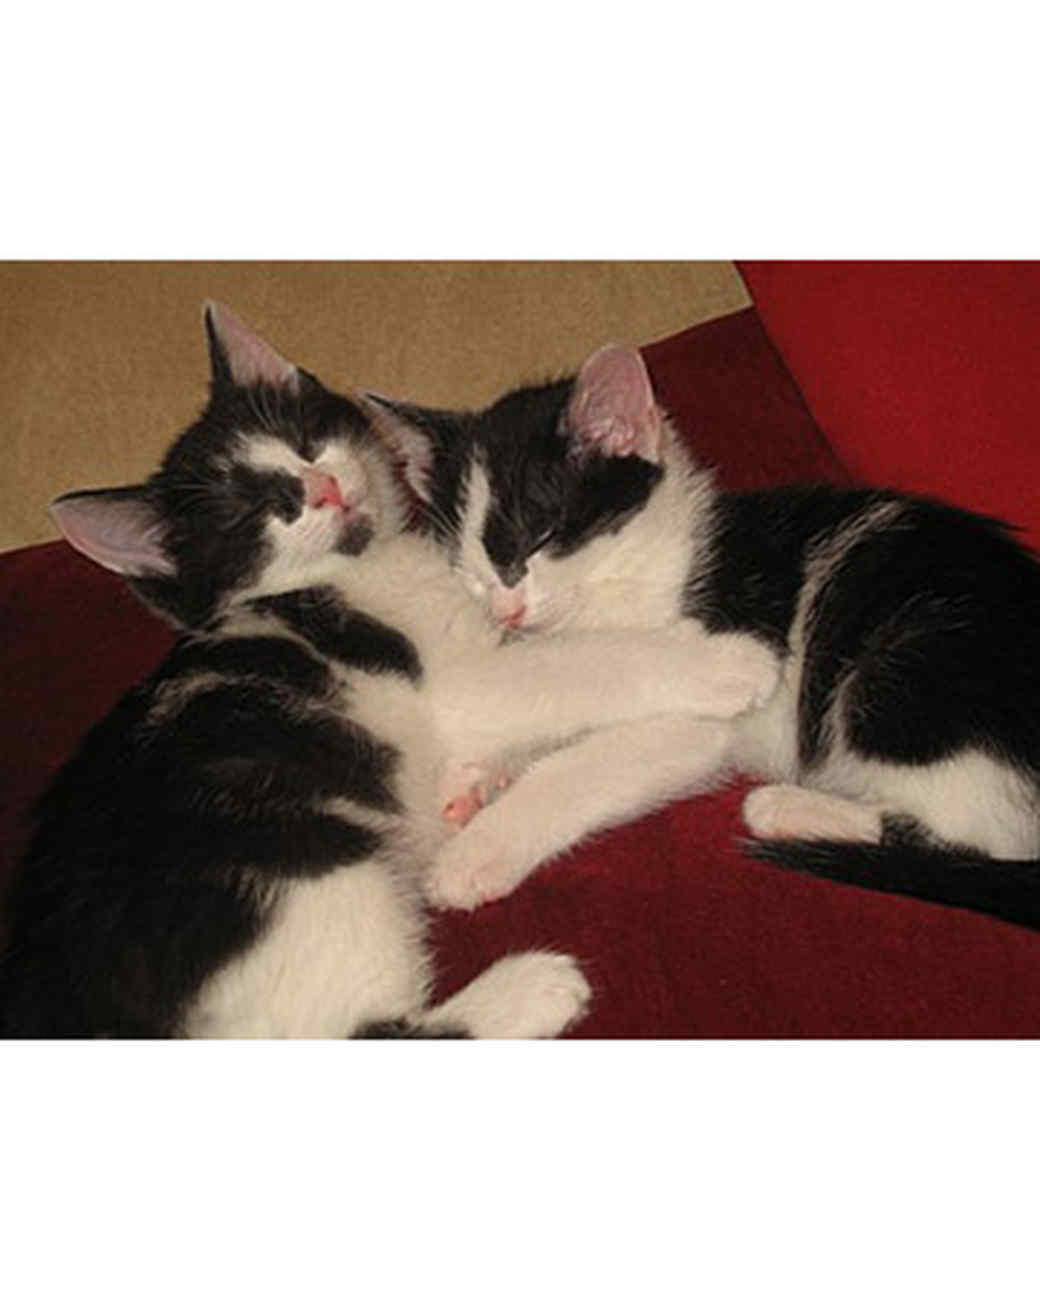 pets_kittens_0710_9483588_19015552.jpg